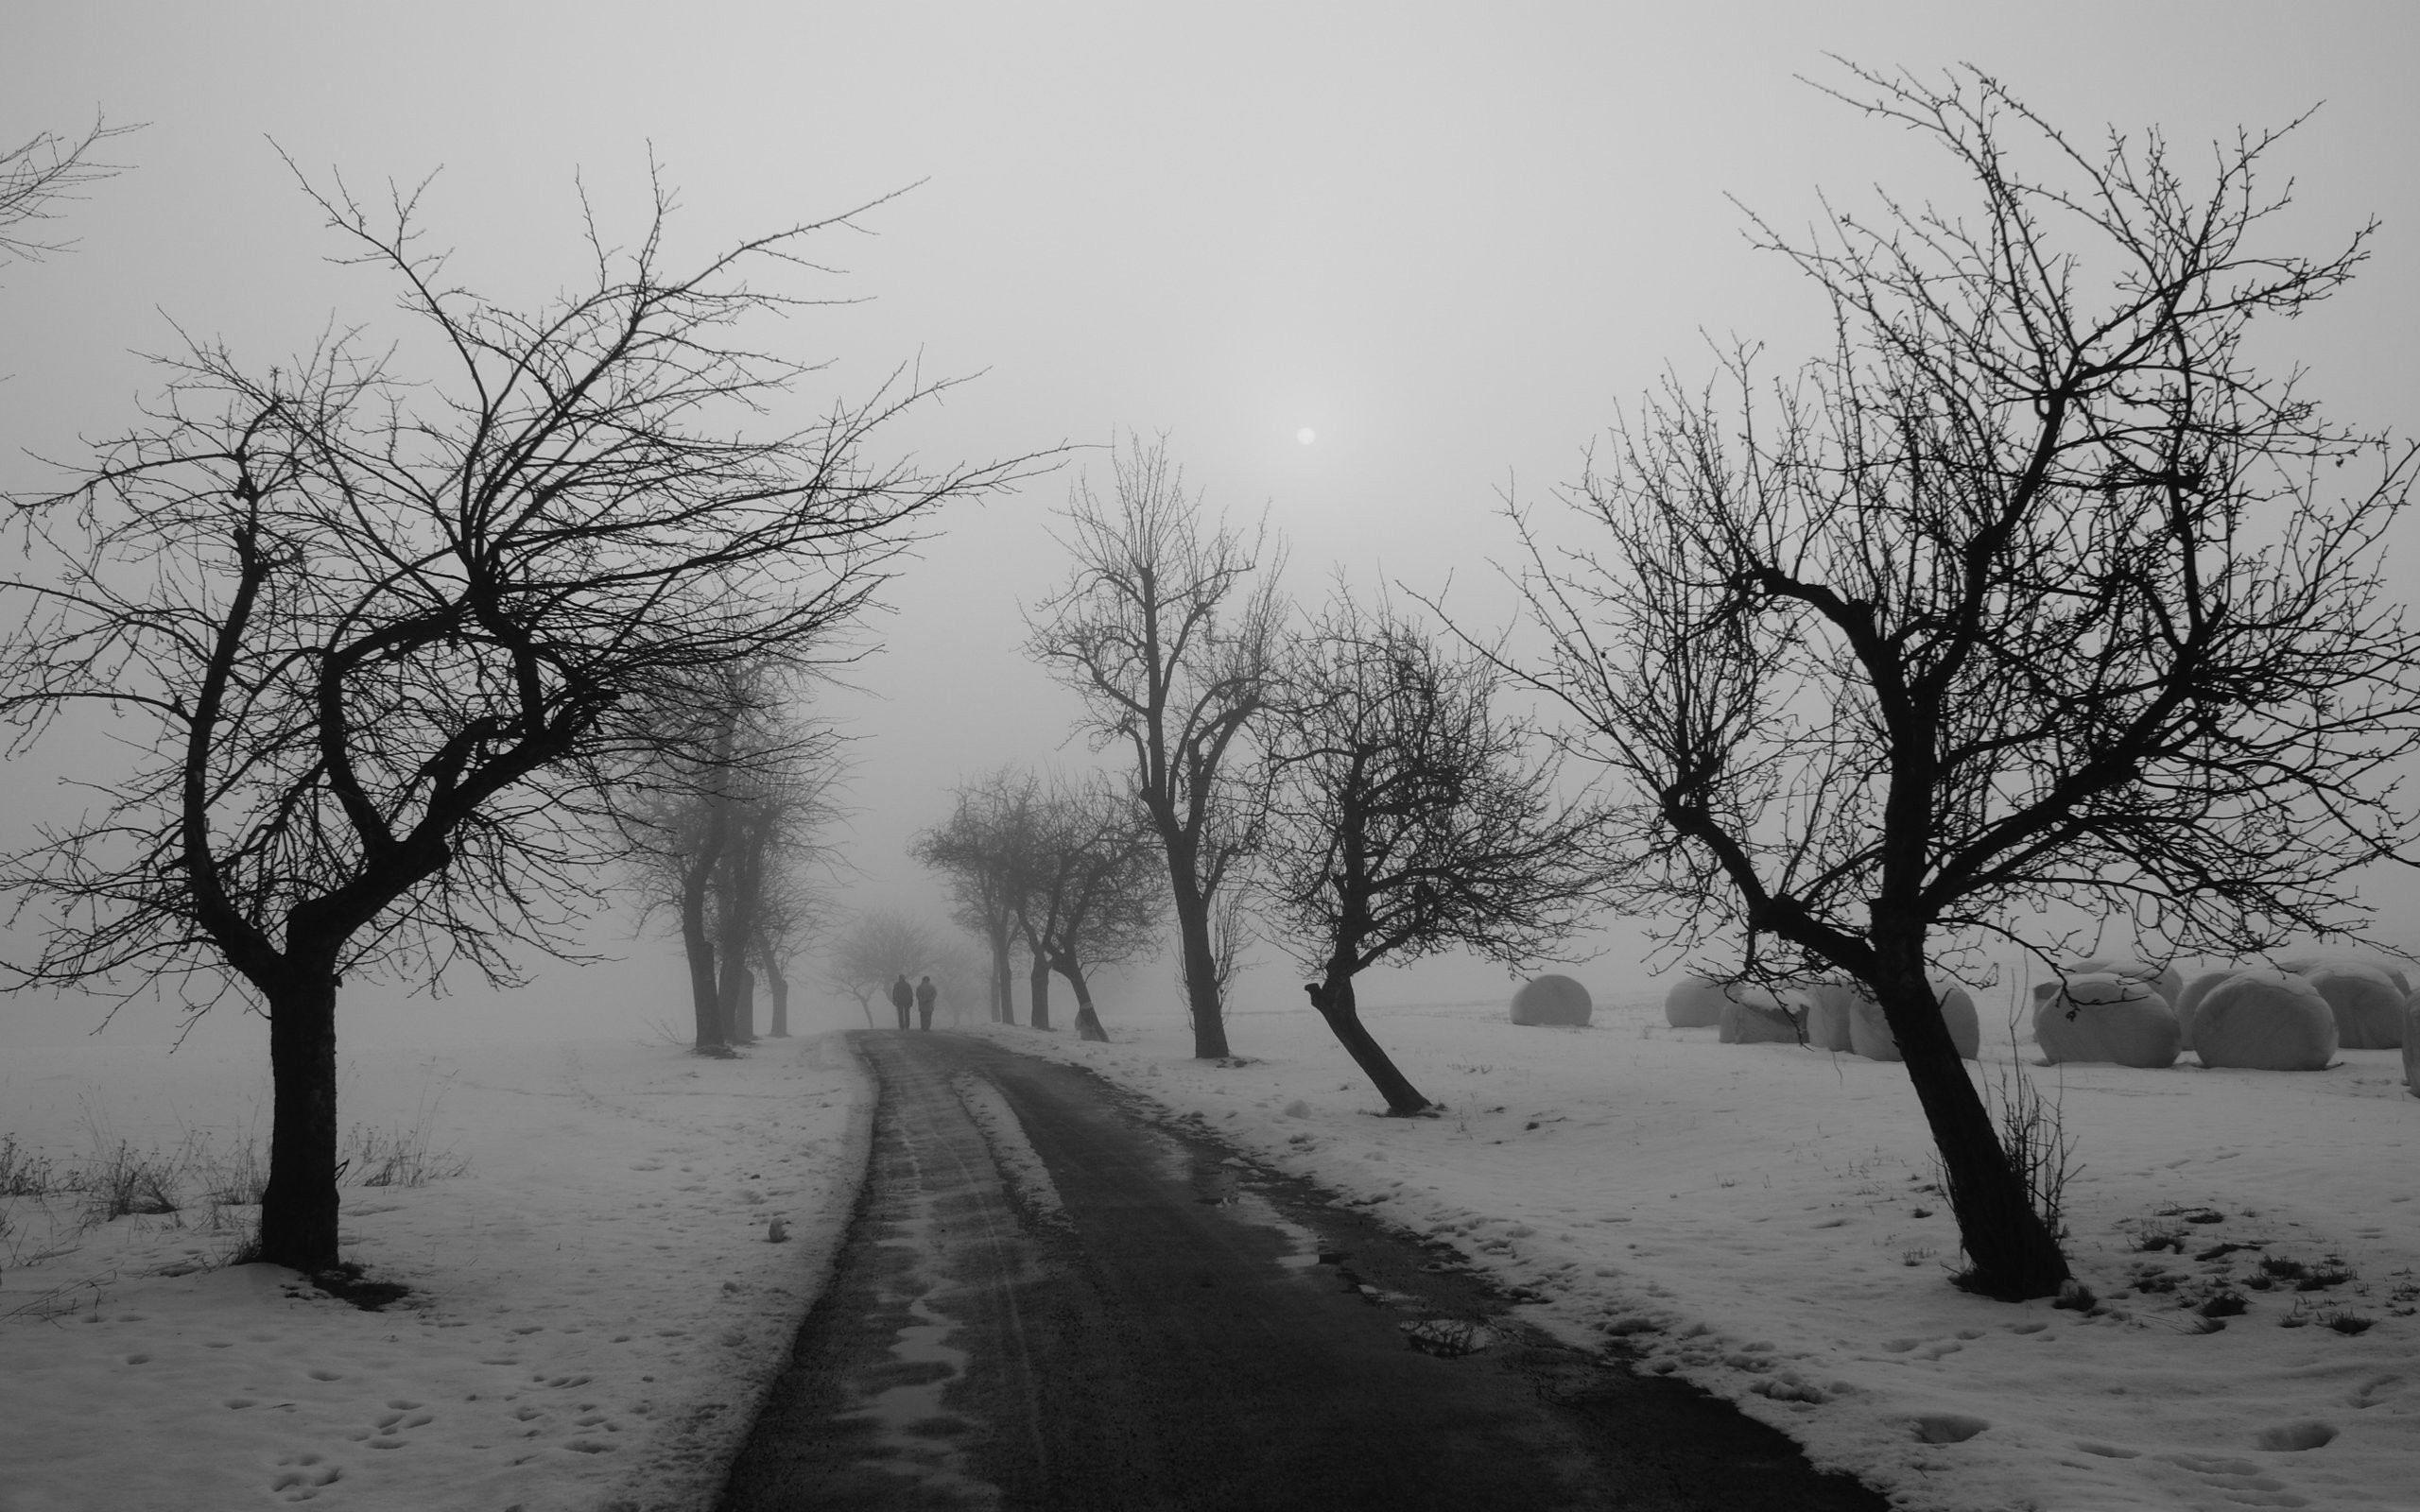 Route D Hiver En Noir Et Blanc Winter Neige Fond D Ecran 2560x1600 Fond D Ecran Telecharger Paysage Noir Et Blanc Paysage Hiver Images Paysages